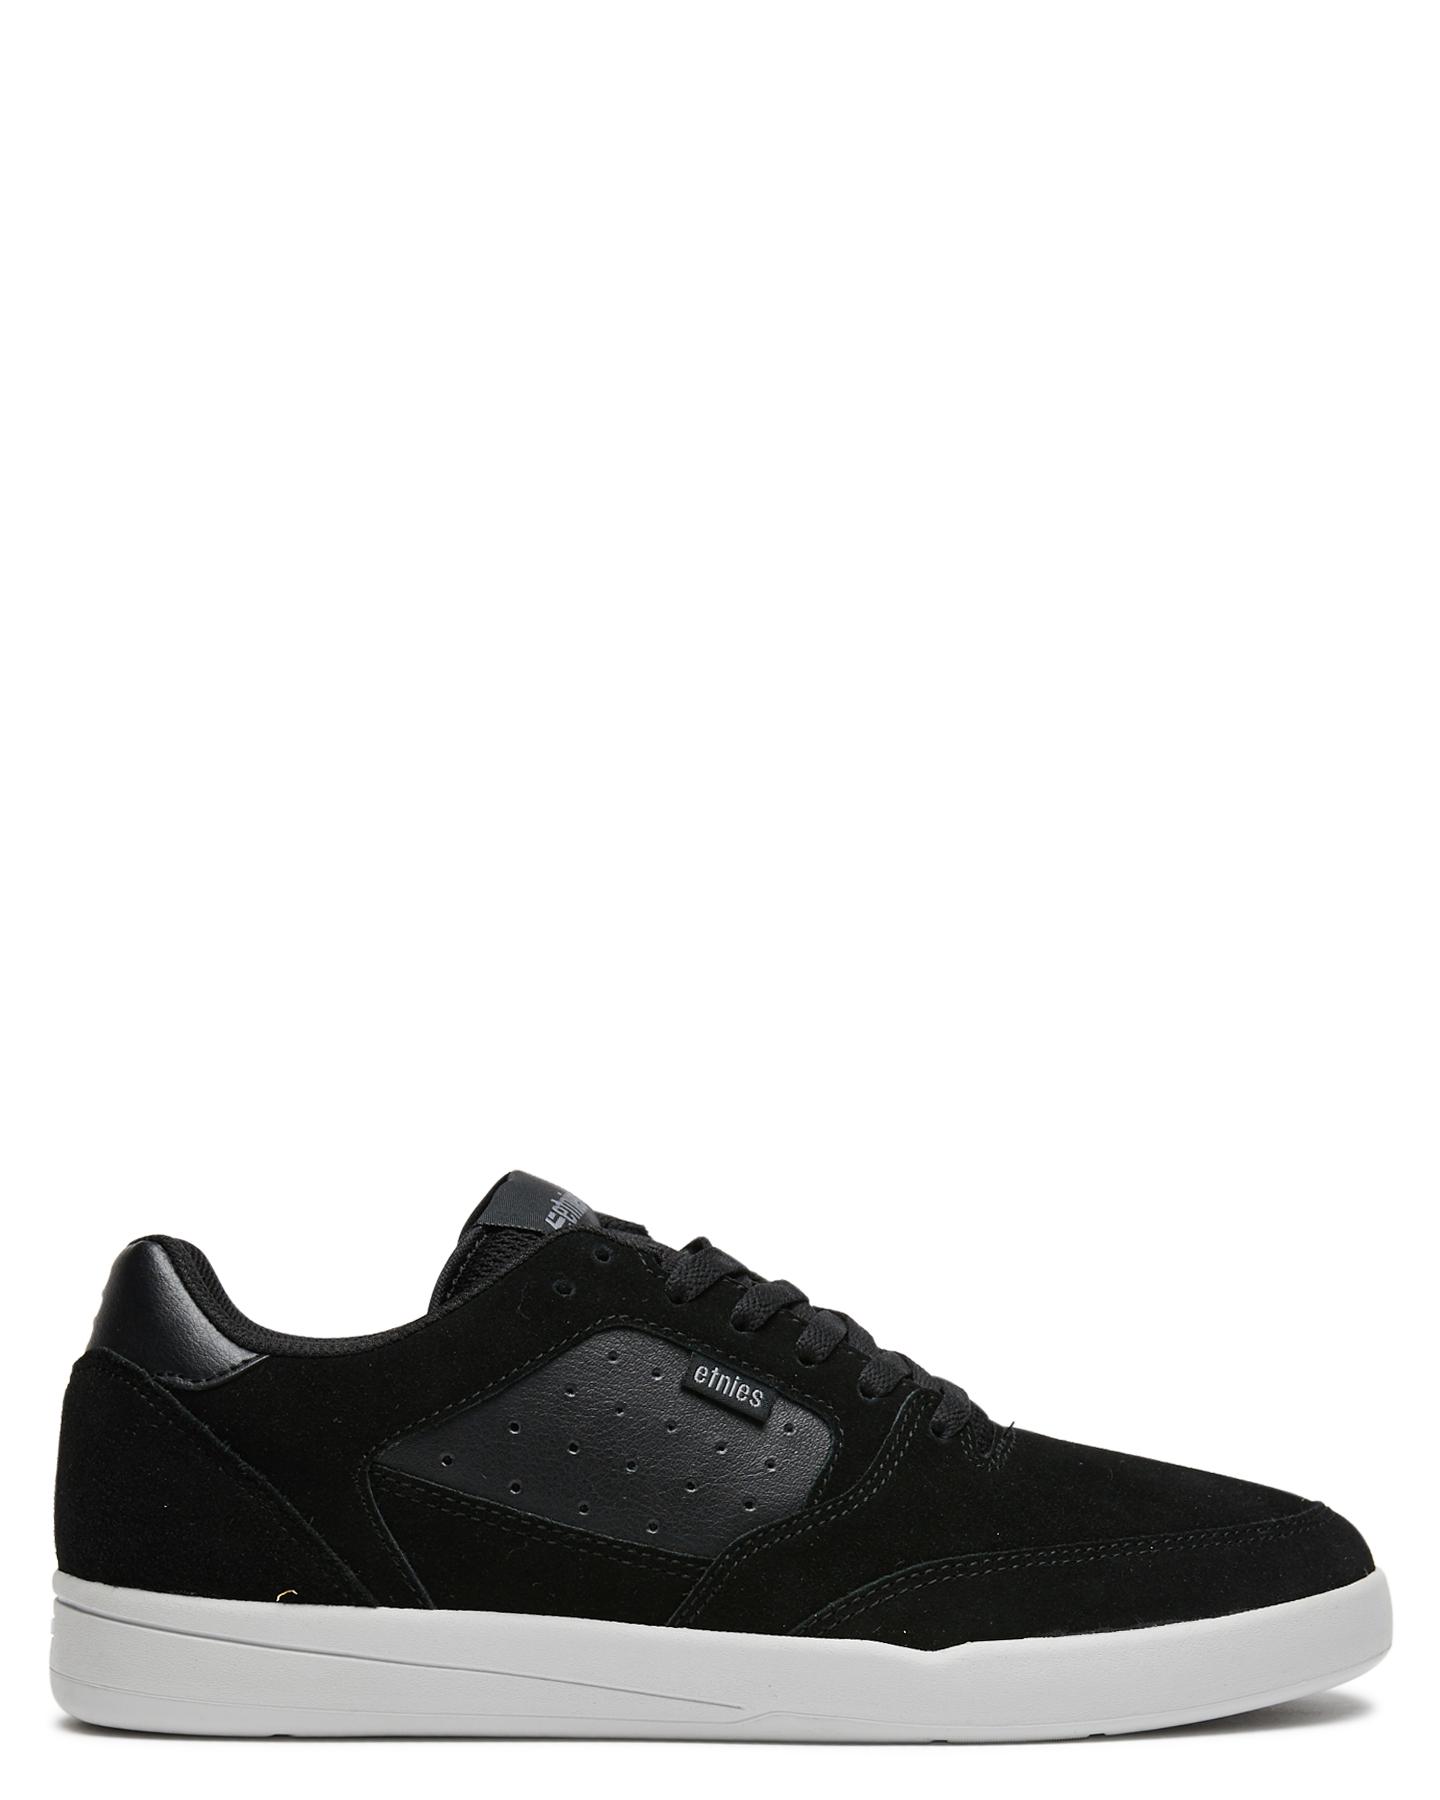 Etnies Mens Veer Shoe Black